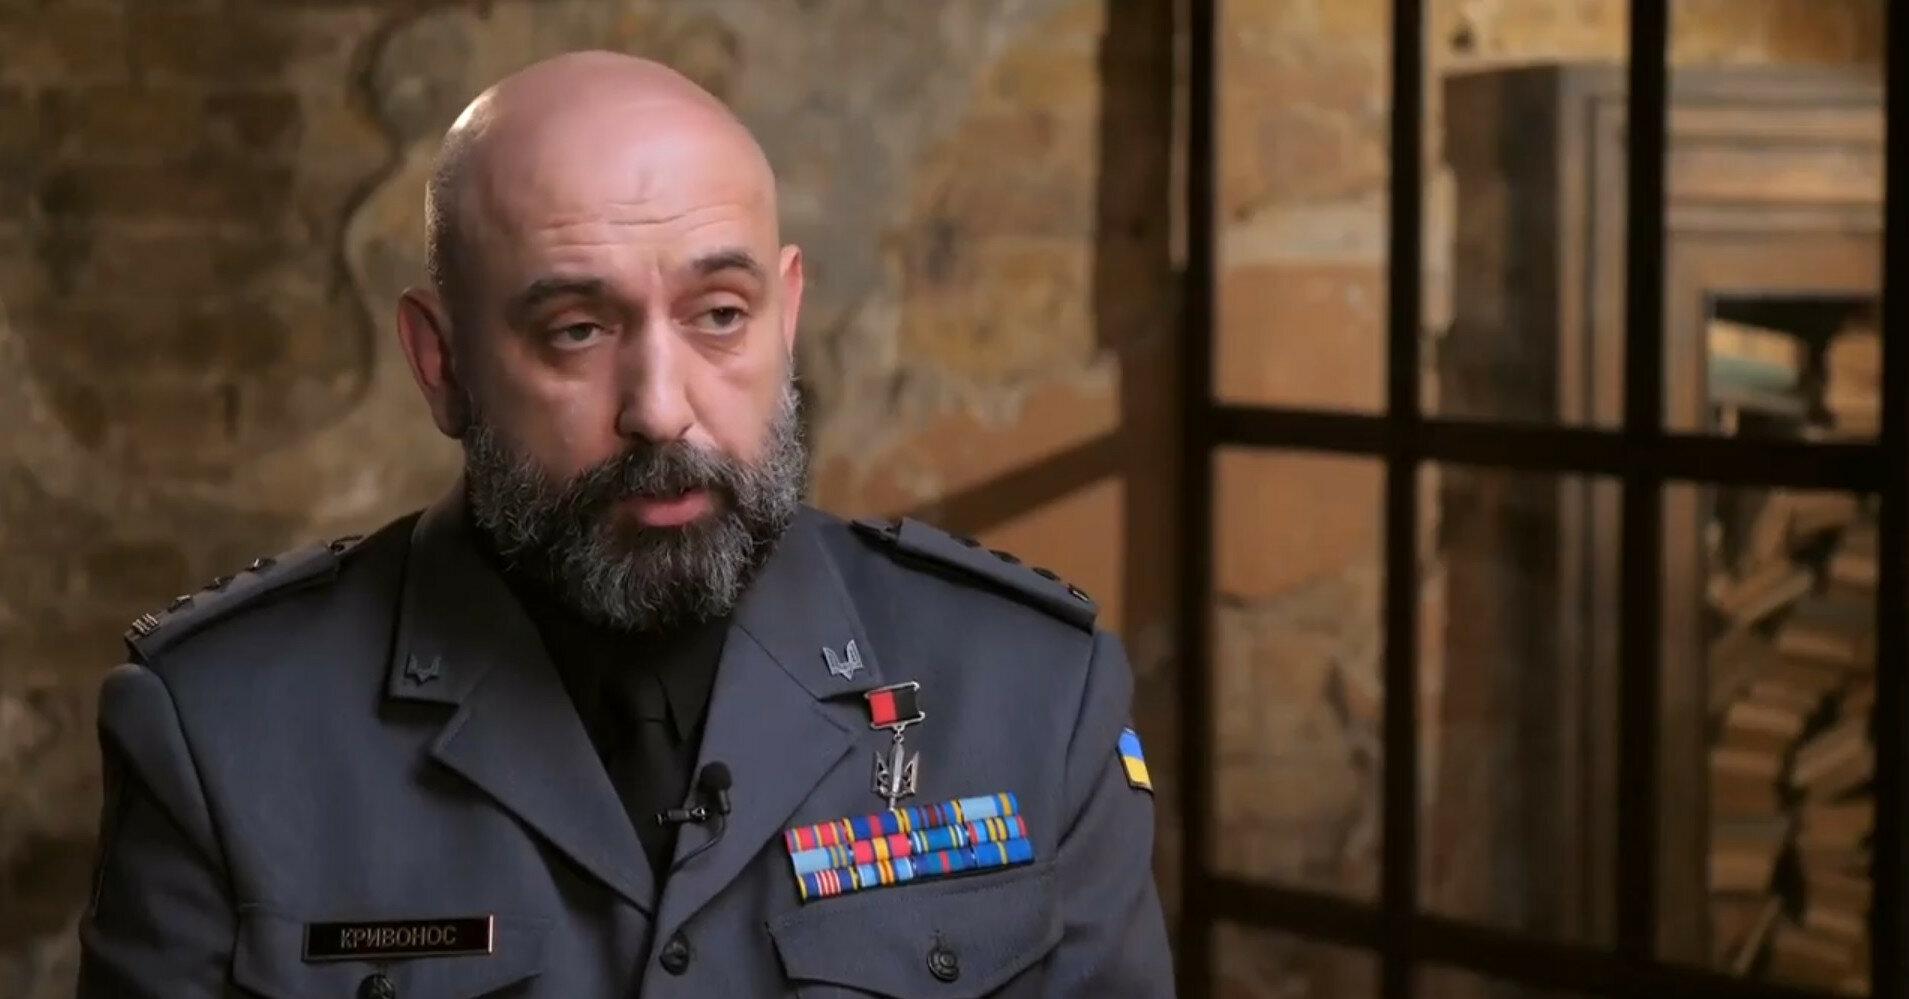 Экс-заместителя секретаря СНБО Кривоноса уволили из Вооруженных сил